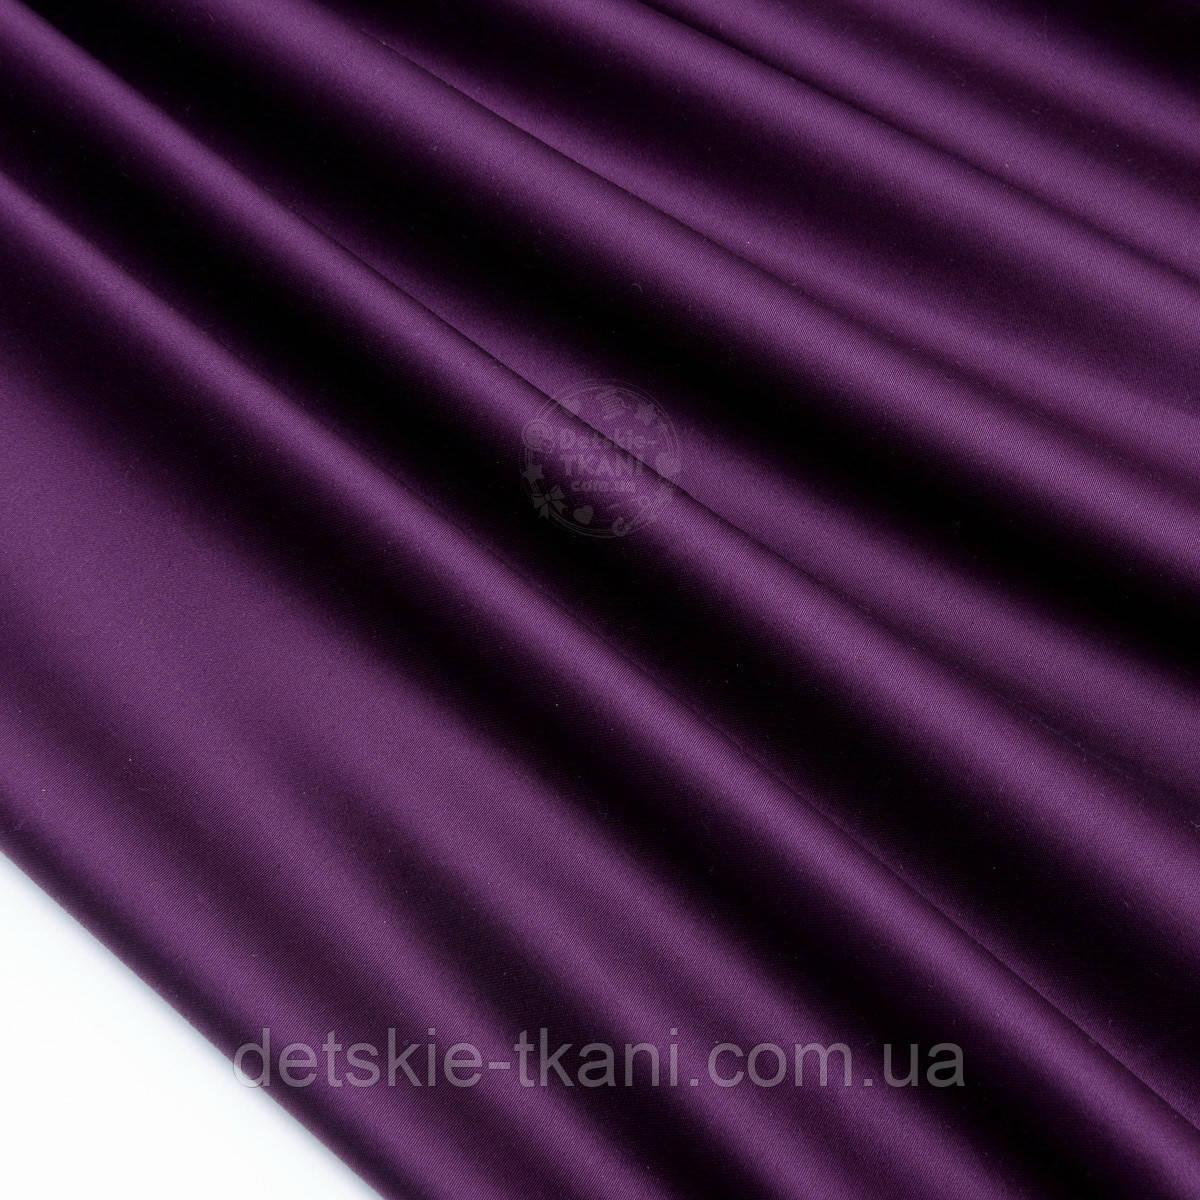 Лоскут сатина баклажанного цвета №1750с, размер 26*120 см